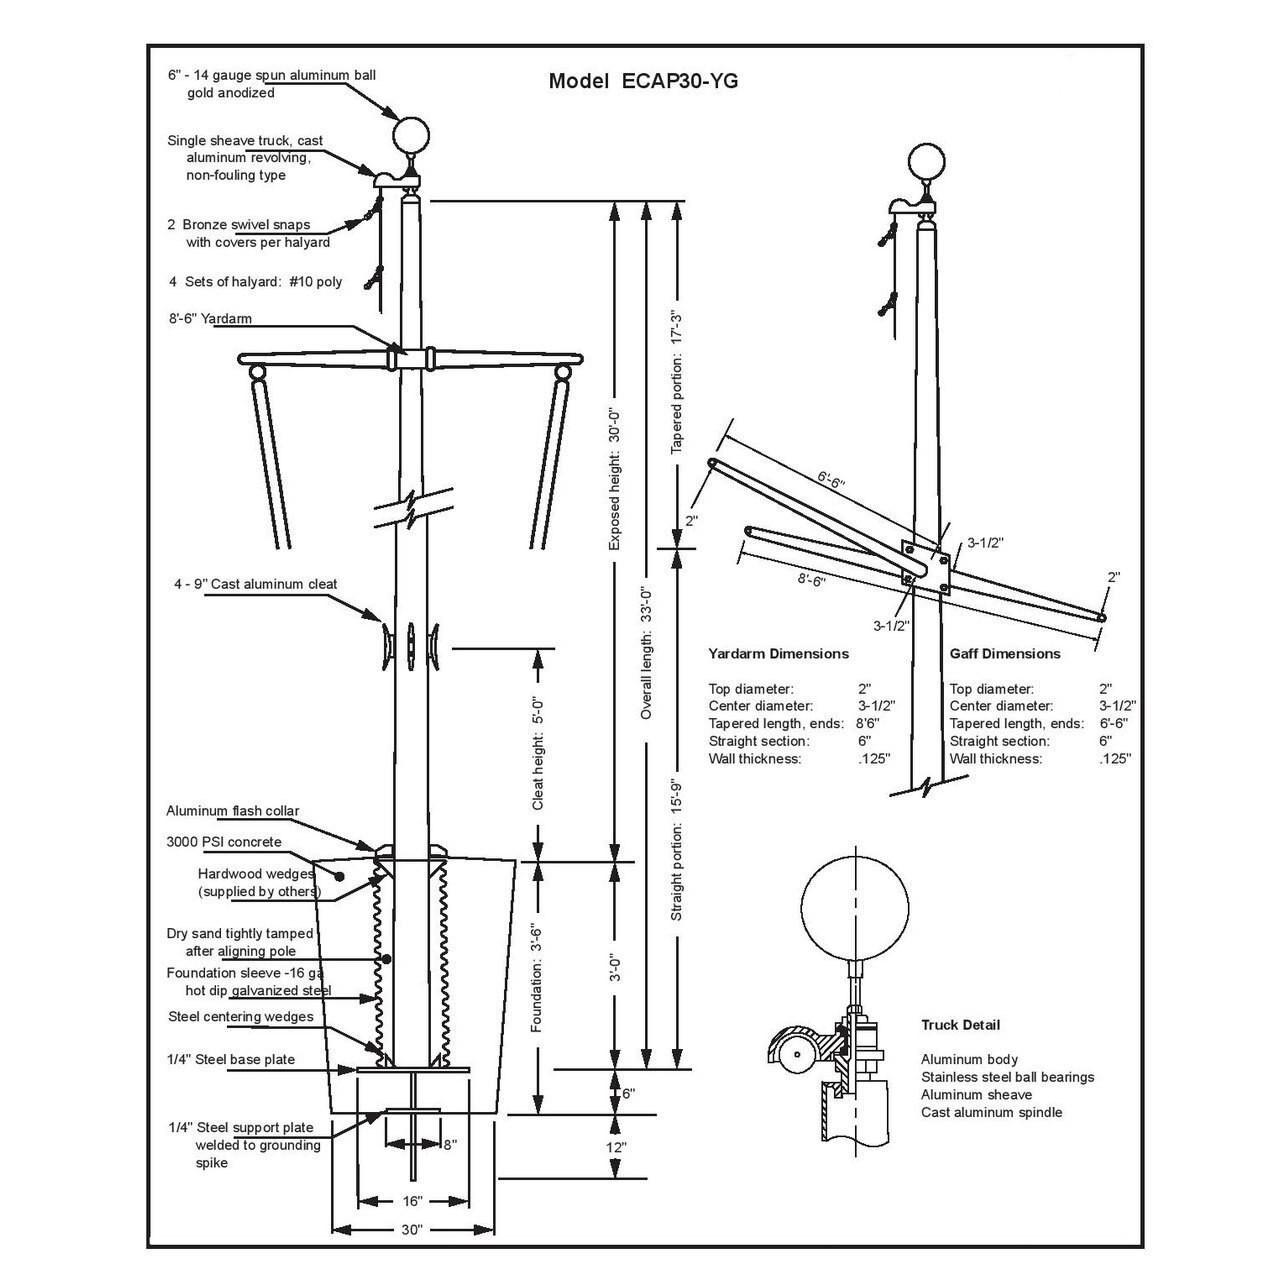 30 Nautical Flagpole w/ Yardarm, Gaff and Collar ECAP30YG